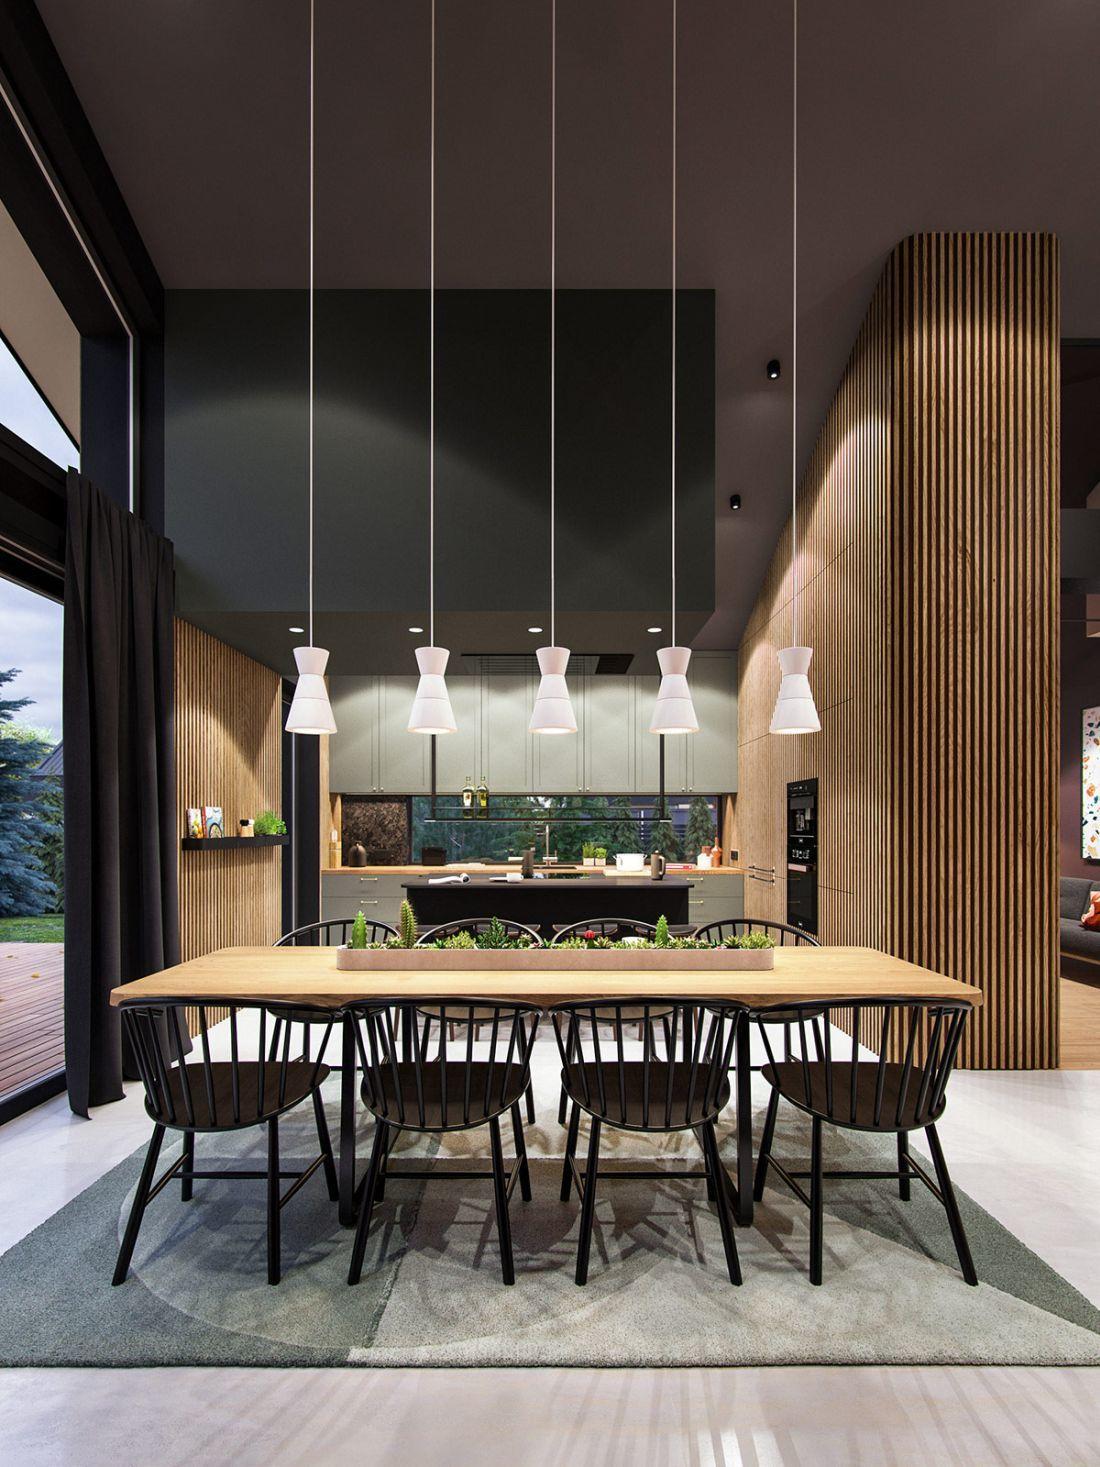 5 függeszték lámpa világítja meg az étkezőasztalt